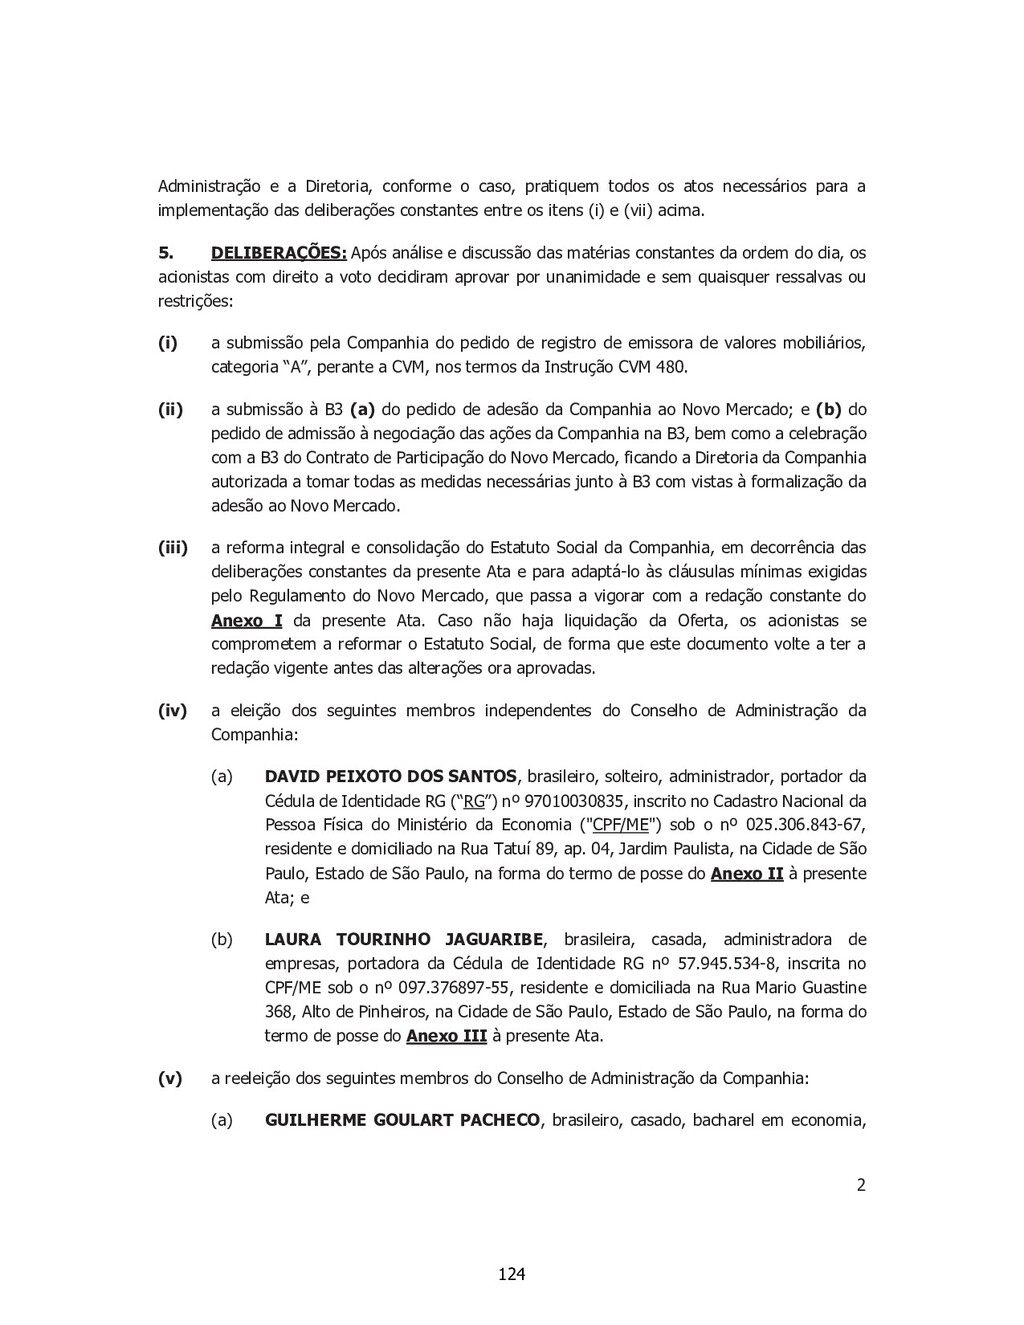 2 SP - 28518850v1 Administração e a Diretoria, ...